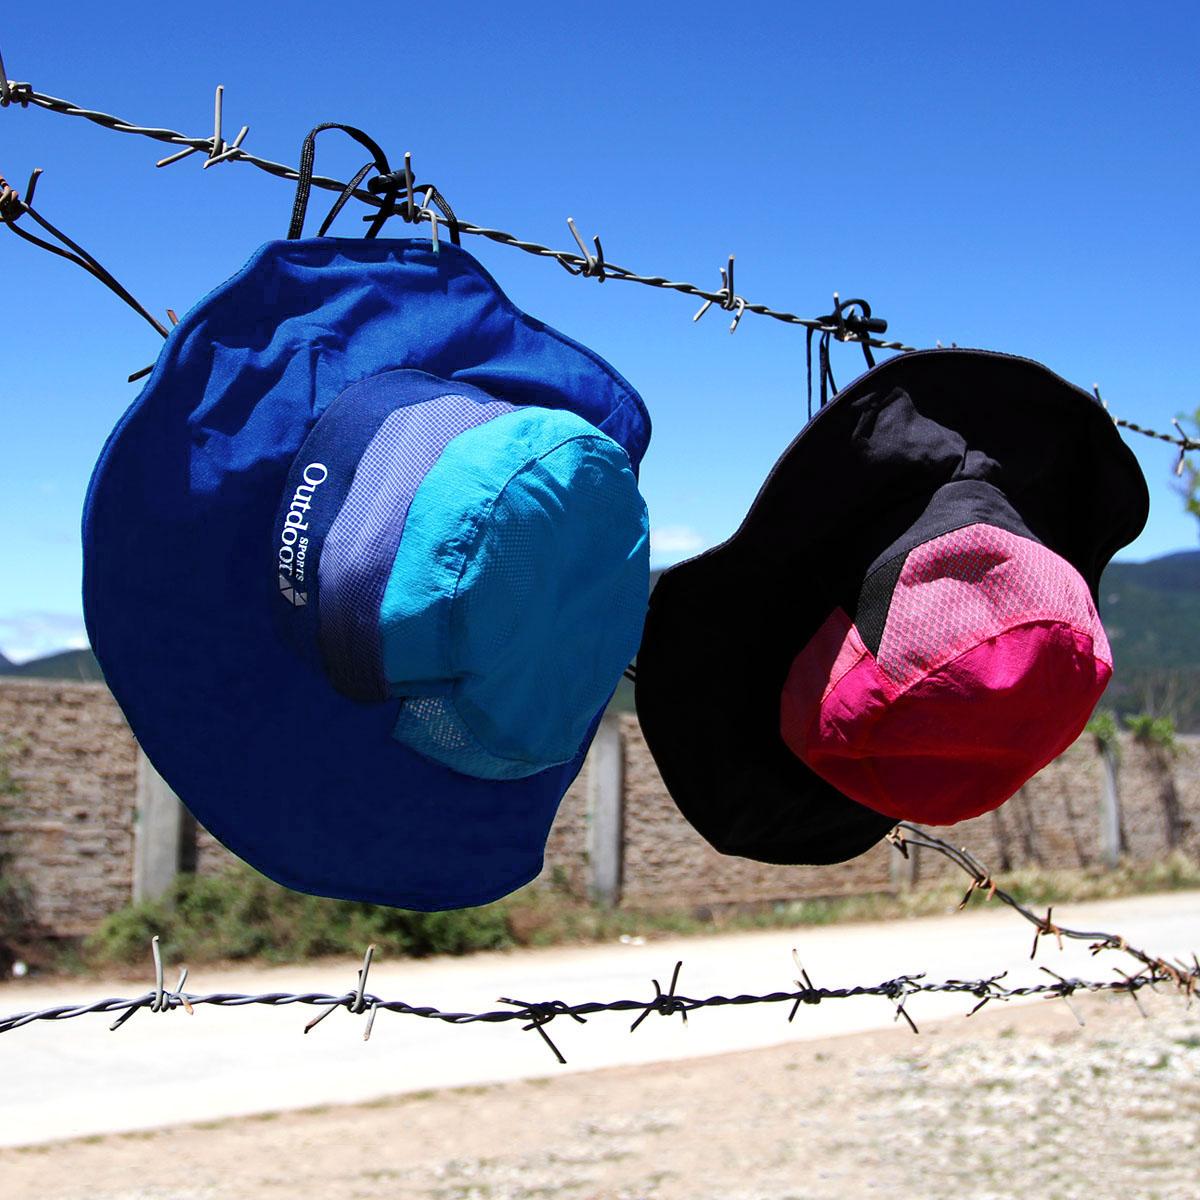 雪丘岛户外新款速干拼色渔夫帽夏季防晒遮阳帽户外百搭盆帽男女款